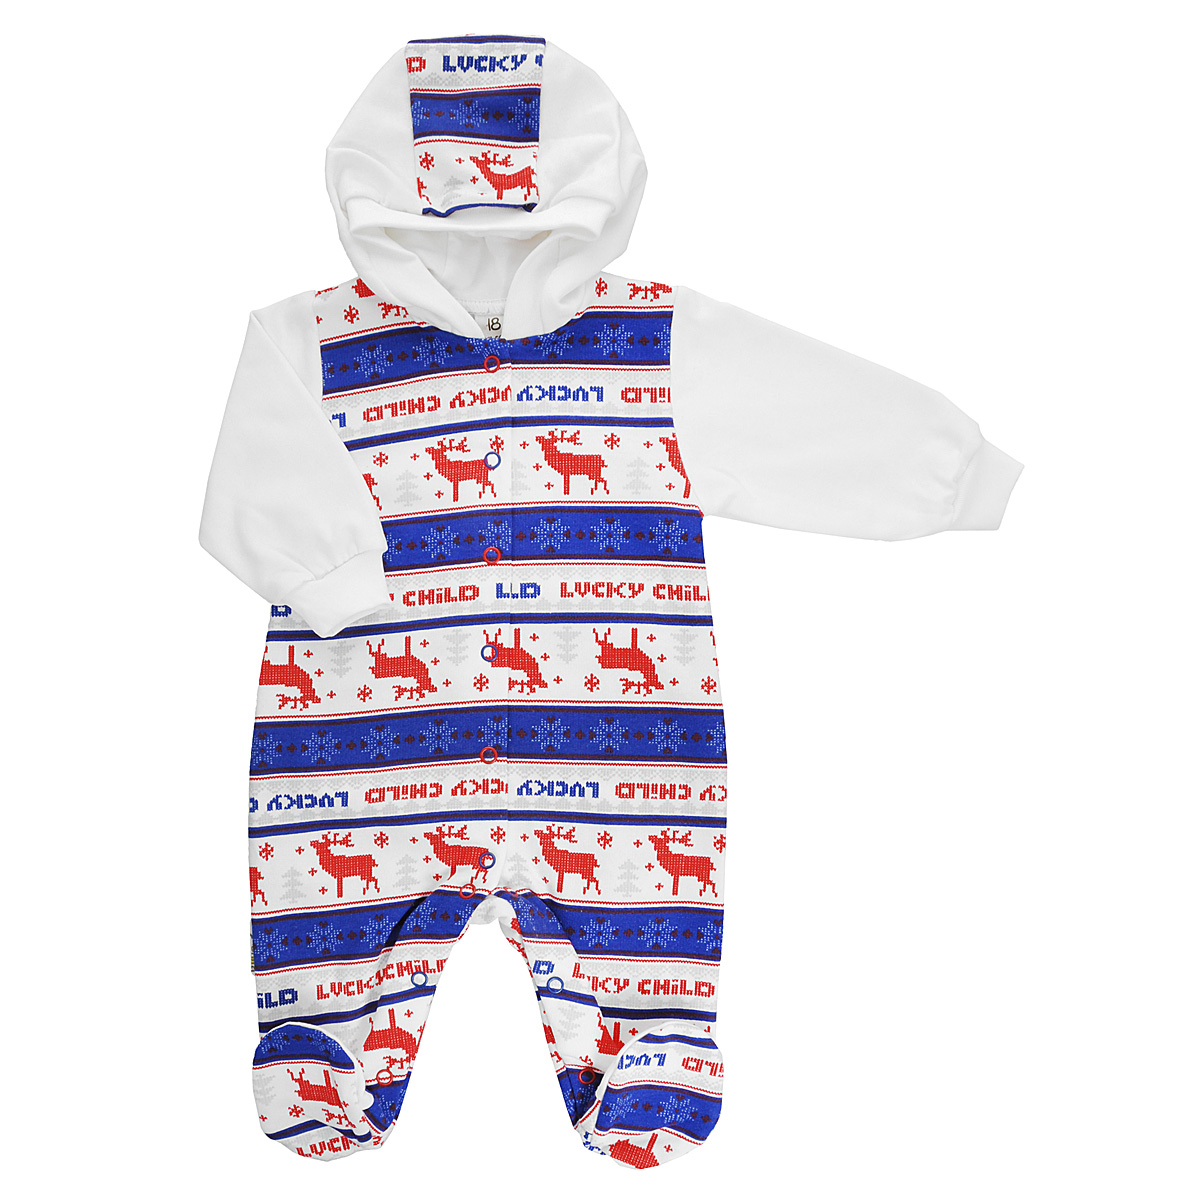 Комбинезон детский Lucky Child, цвет: молочный, синий, красный. 10-3. Размер 74/8010-3Детский комбинезон Lucky Child - очень удобный и практичный вид одежды для малышей. Комбинезон выполнен из натурального хлопка, благодаря чему он необычайно мягкий и приятный на ощупь, не раздражает нежную кожу ребенка и хорошо вентилируется, а эластичные швы приятны телу малыша и не препятствуют его движениям. Лицевая сторона гладкая, а изнаночная - с мягким теплым начесом. Комбинезон с капюшоном, длинными рукавами и закрытыми ножками имеет застежки-кнопки от горловины до щиколоток, которые помогают легко переодеть младенца или сменить подгузник. Рукава дополнены широкими трикотажными манжетами, не сжимающими запястья ребенка. Оформлена модель модным скандинавским принтом. С детским комбинезоном Lucky Child спинка и ножки вашего малыша всегда будут в тепле, он идеален для использования днем и незаменим ночью. Комбинезон полностью соответствует особенностям жизни младенца в ранний период, не стесняя и не ограничивая его в движениях!